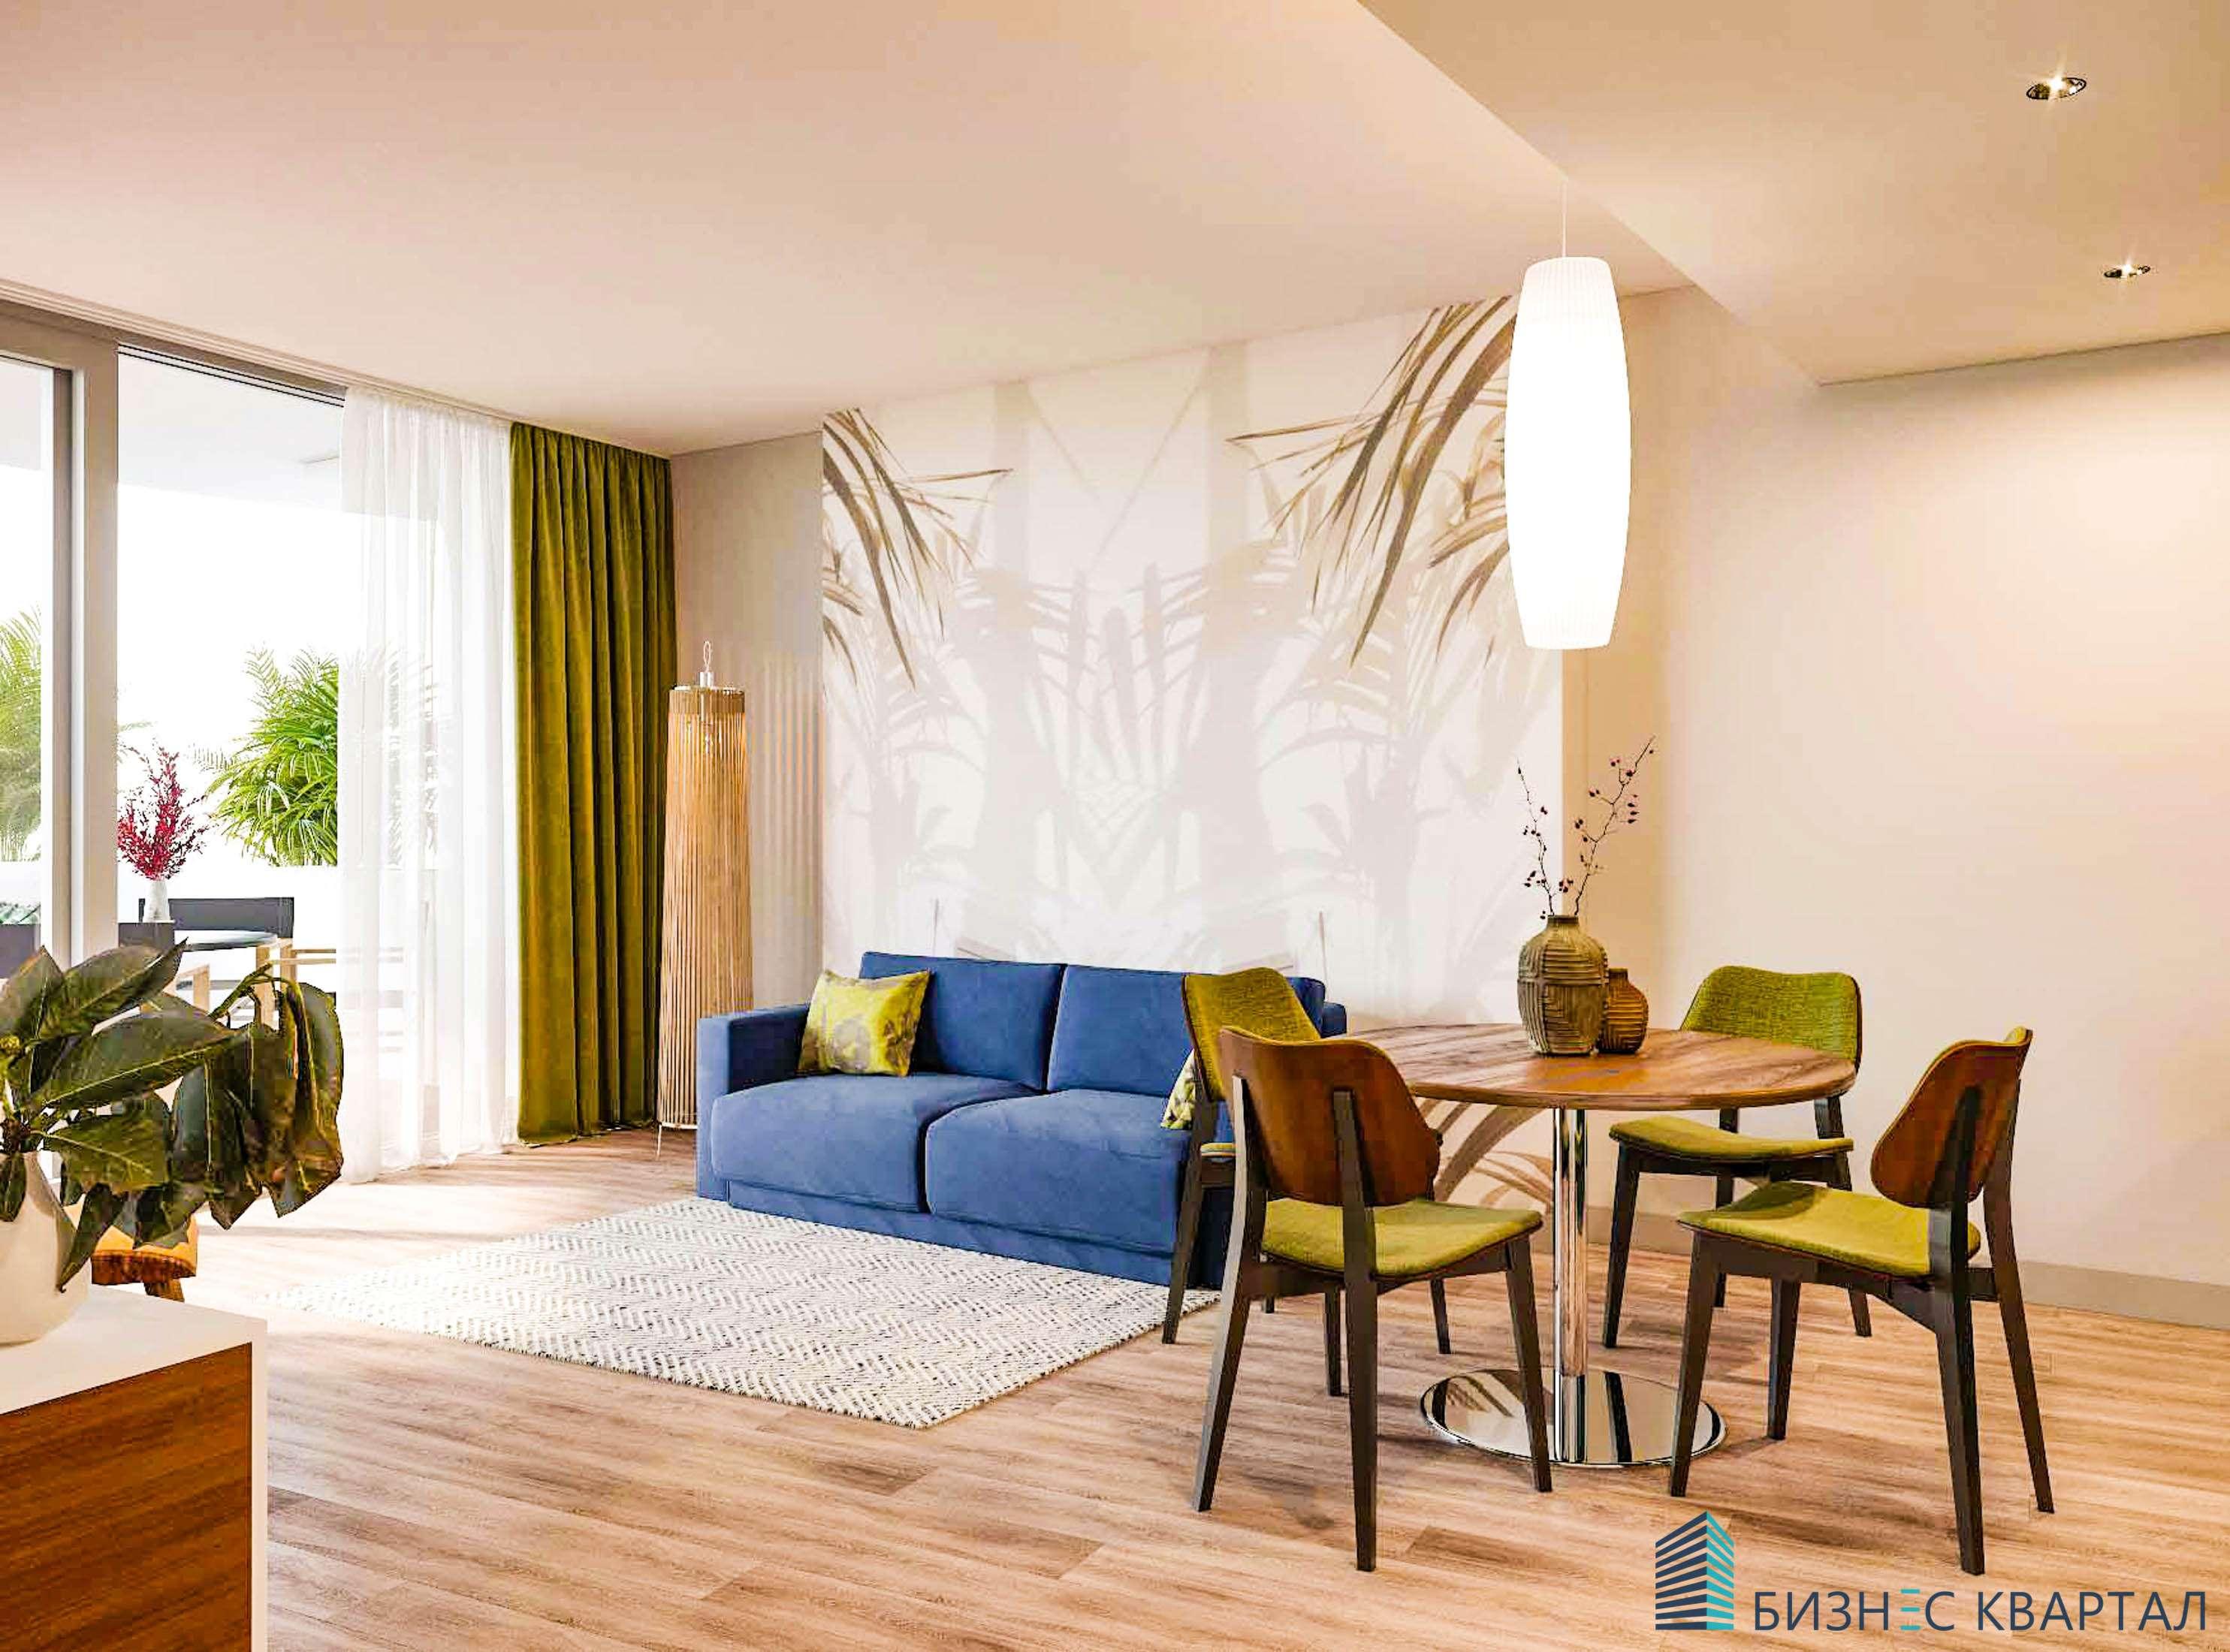 Двухкомнатные апартаменты с ремонтом и мебелью в Сочи - image gotovye-apartamenty-v-sochi-13 on https://bizneskvartal.ru